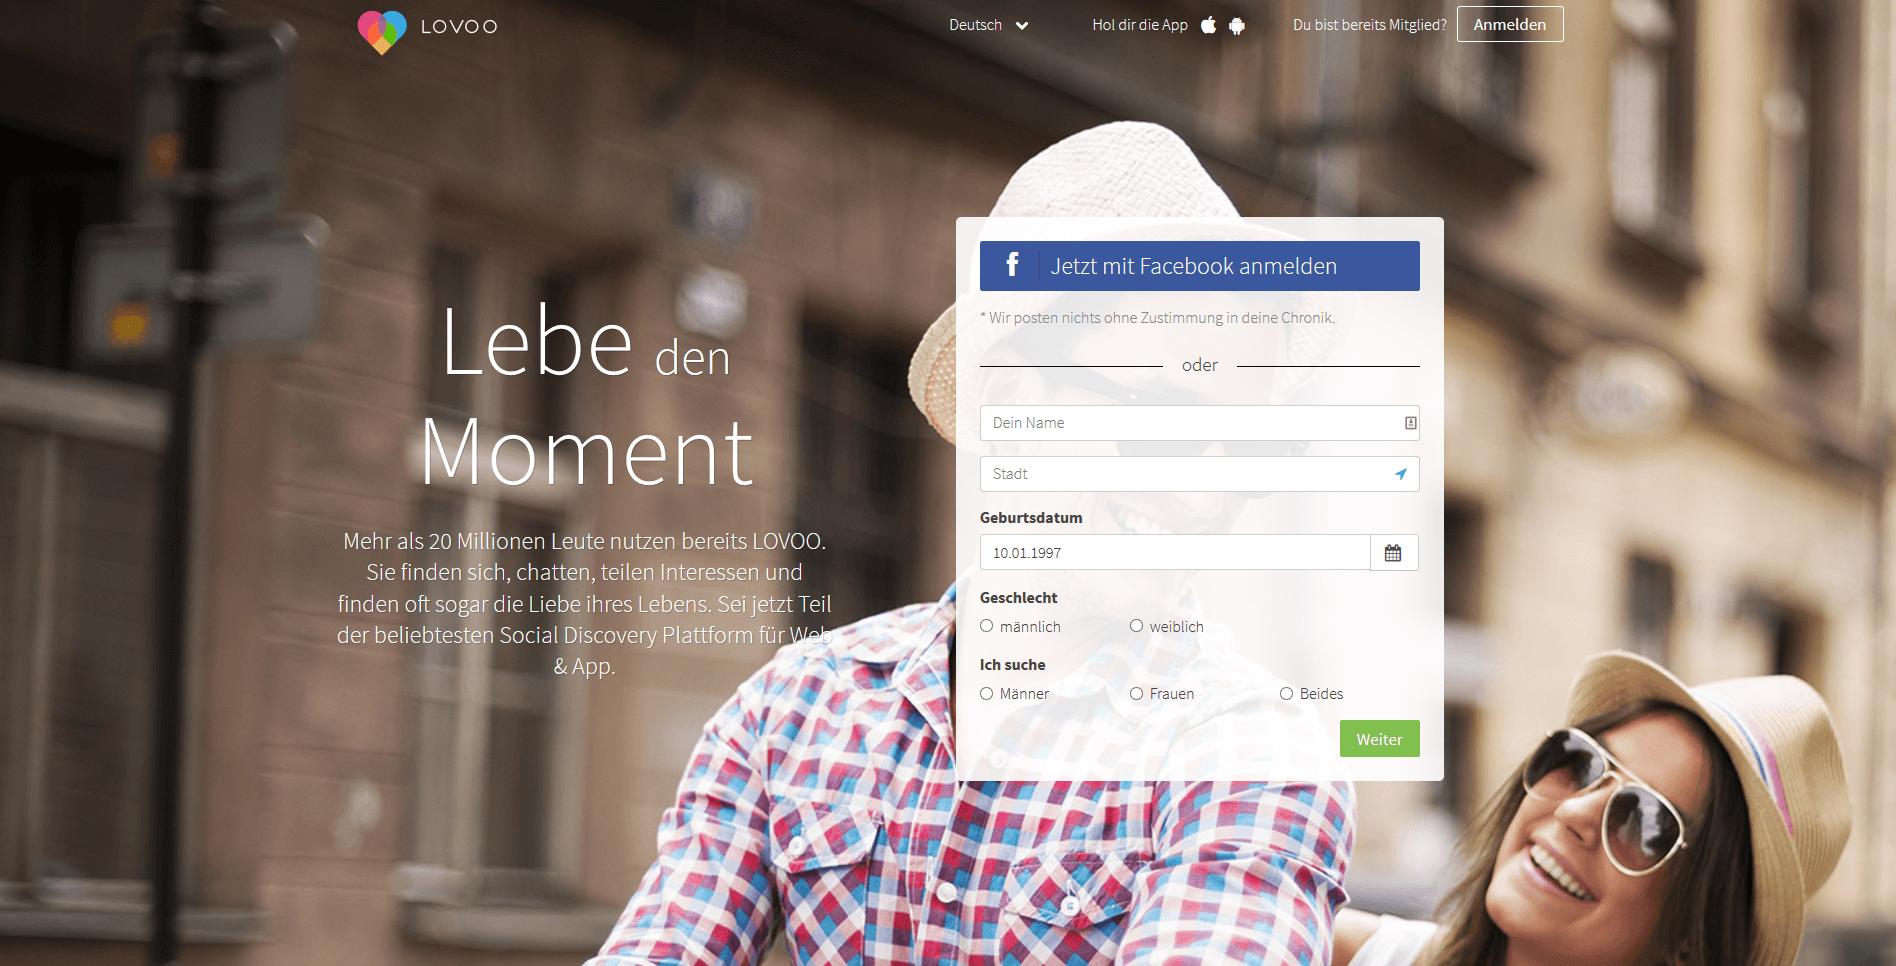 dating app vergleich Landau in der Pfalz